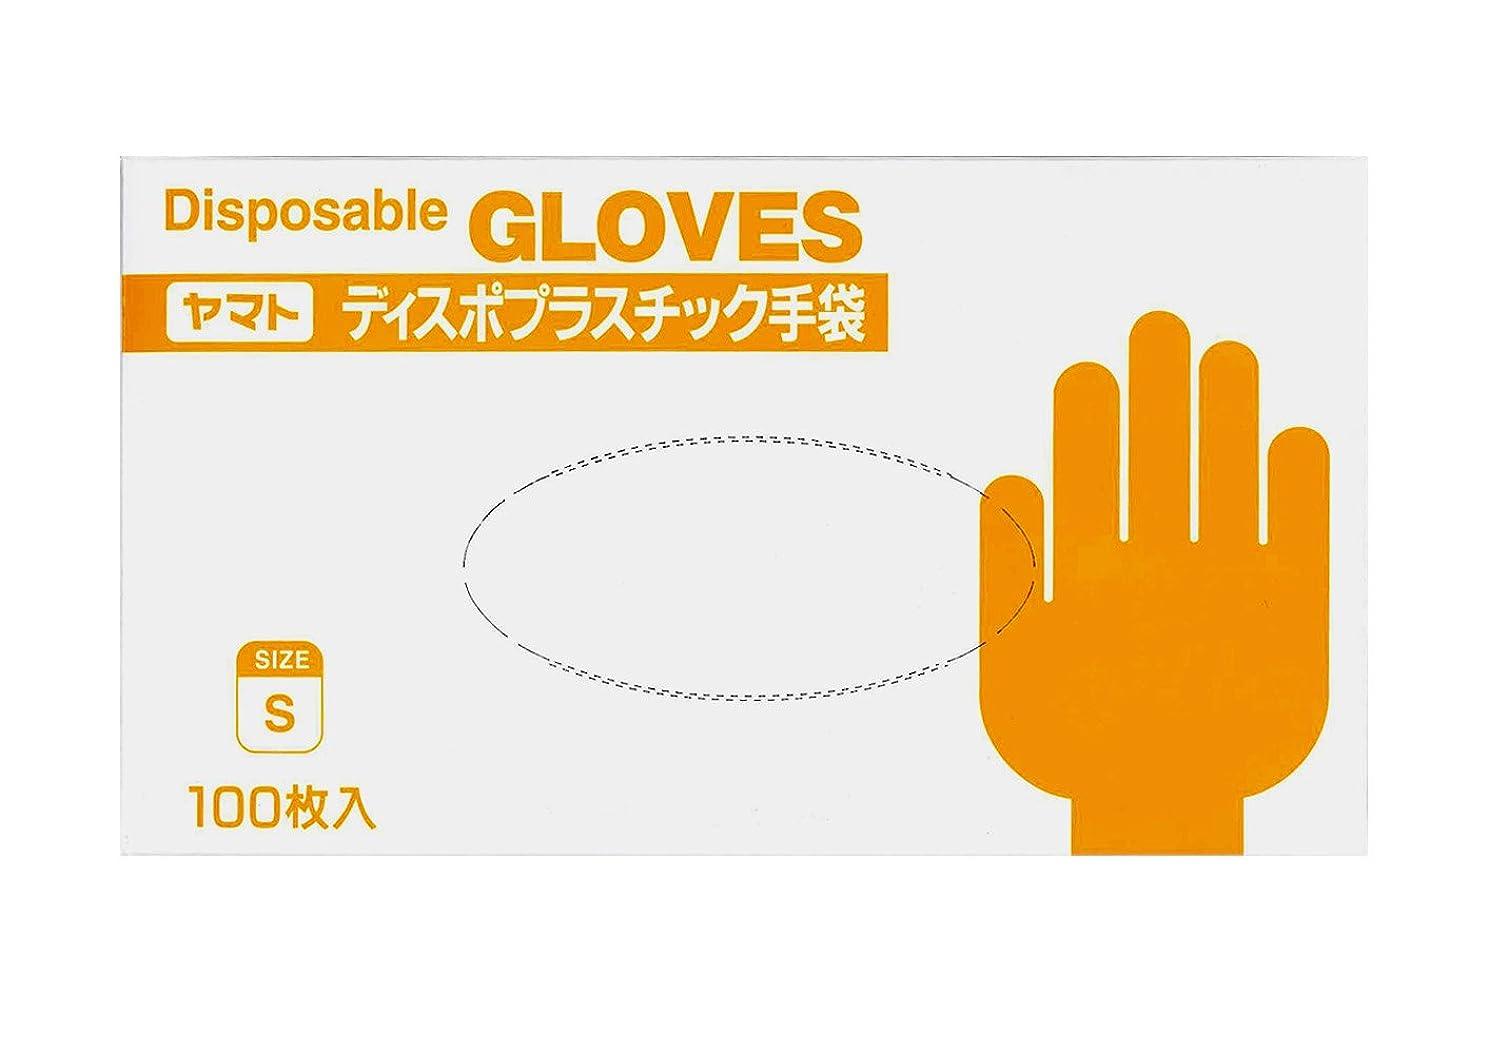 行運搬メンタルヤマト ディスポプラスチック手袋 S 100枚入